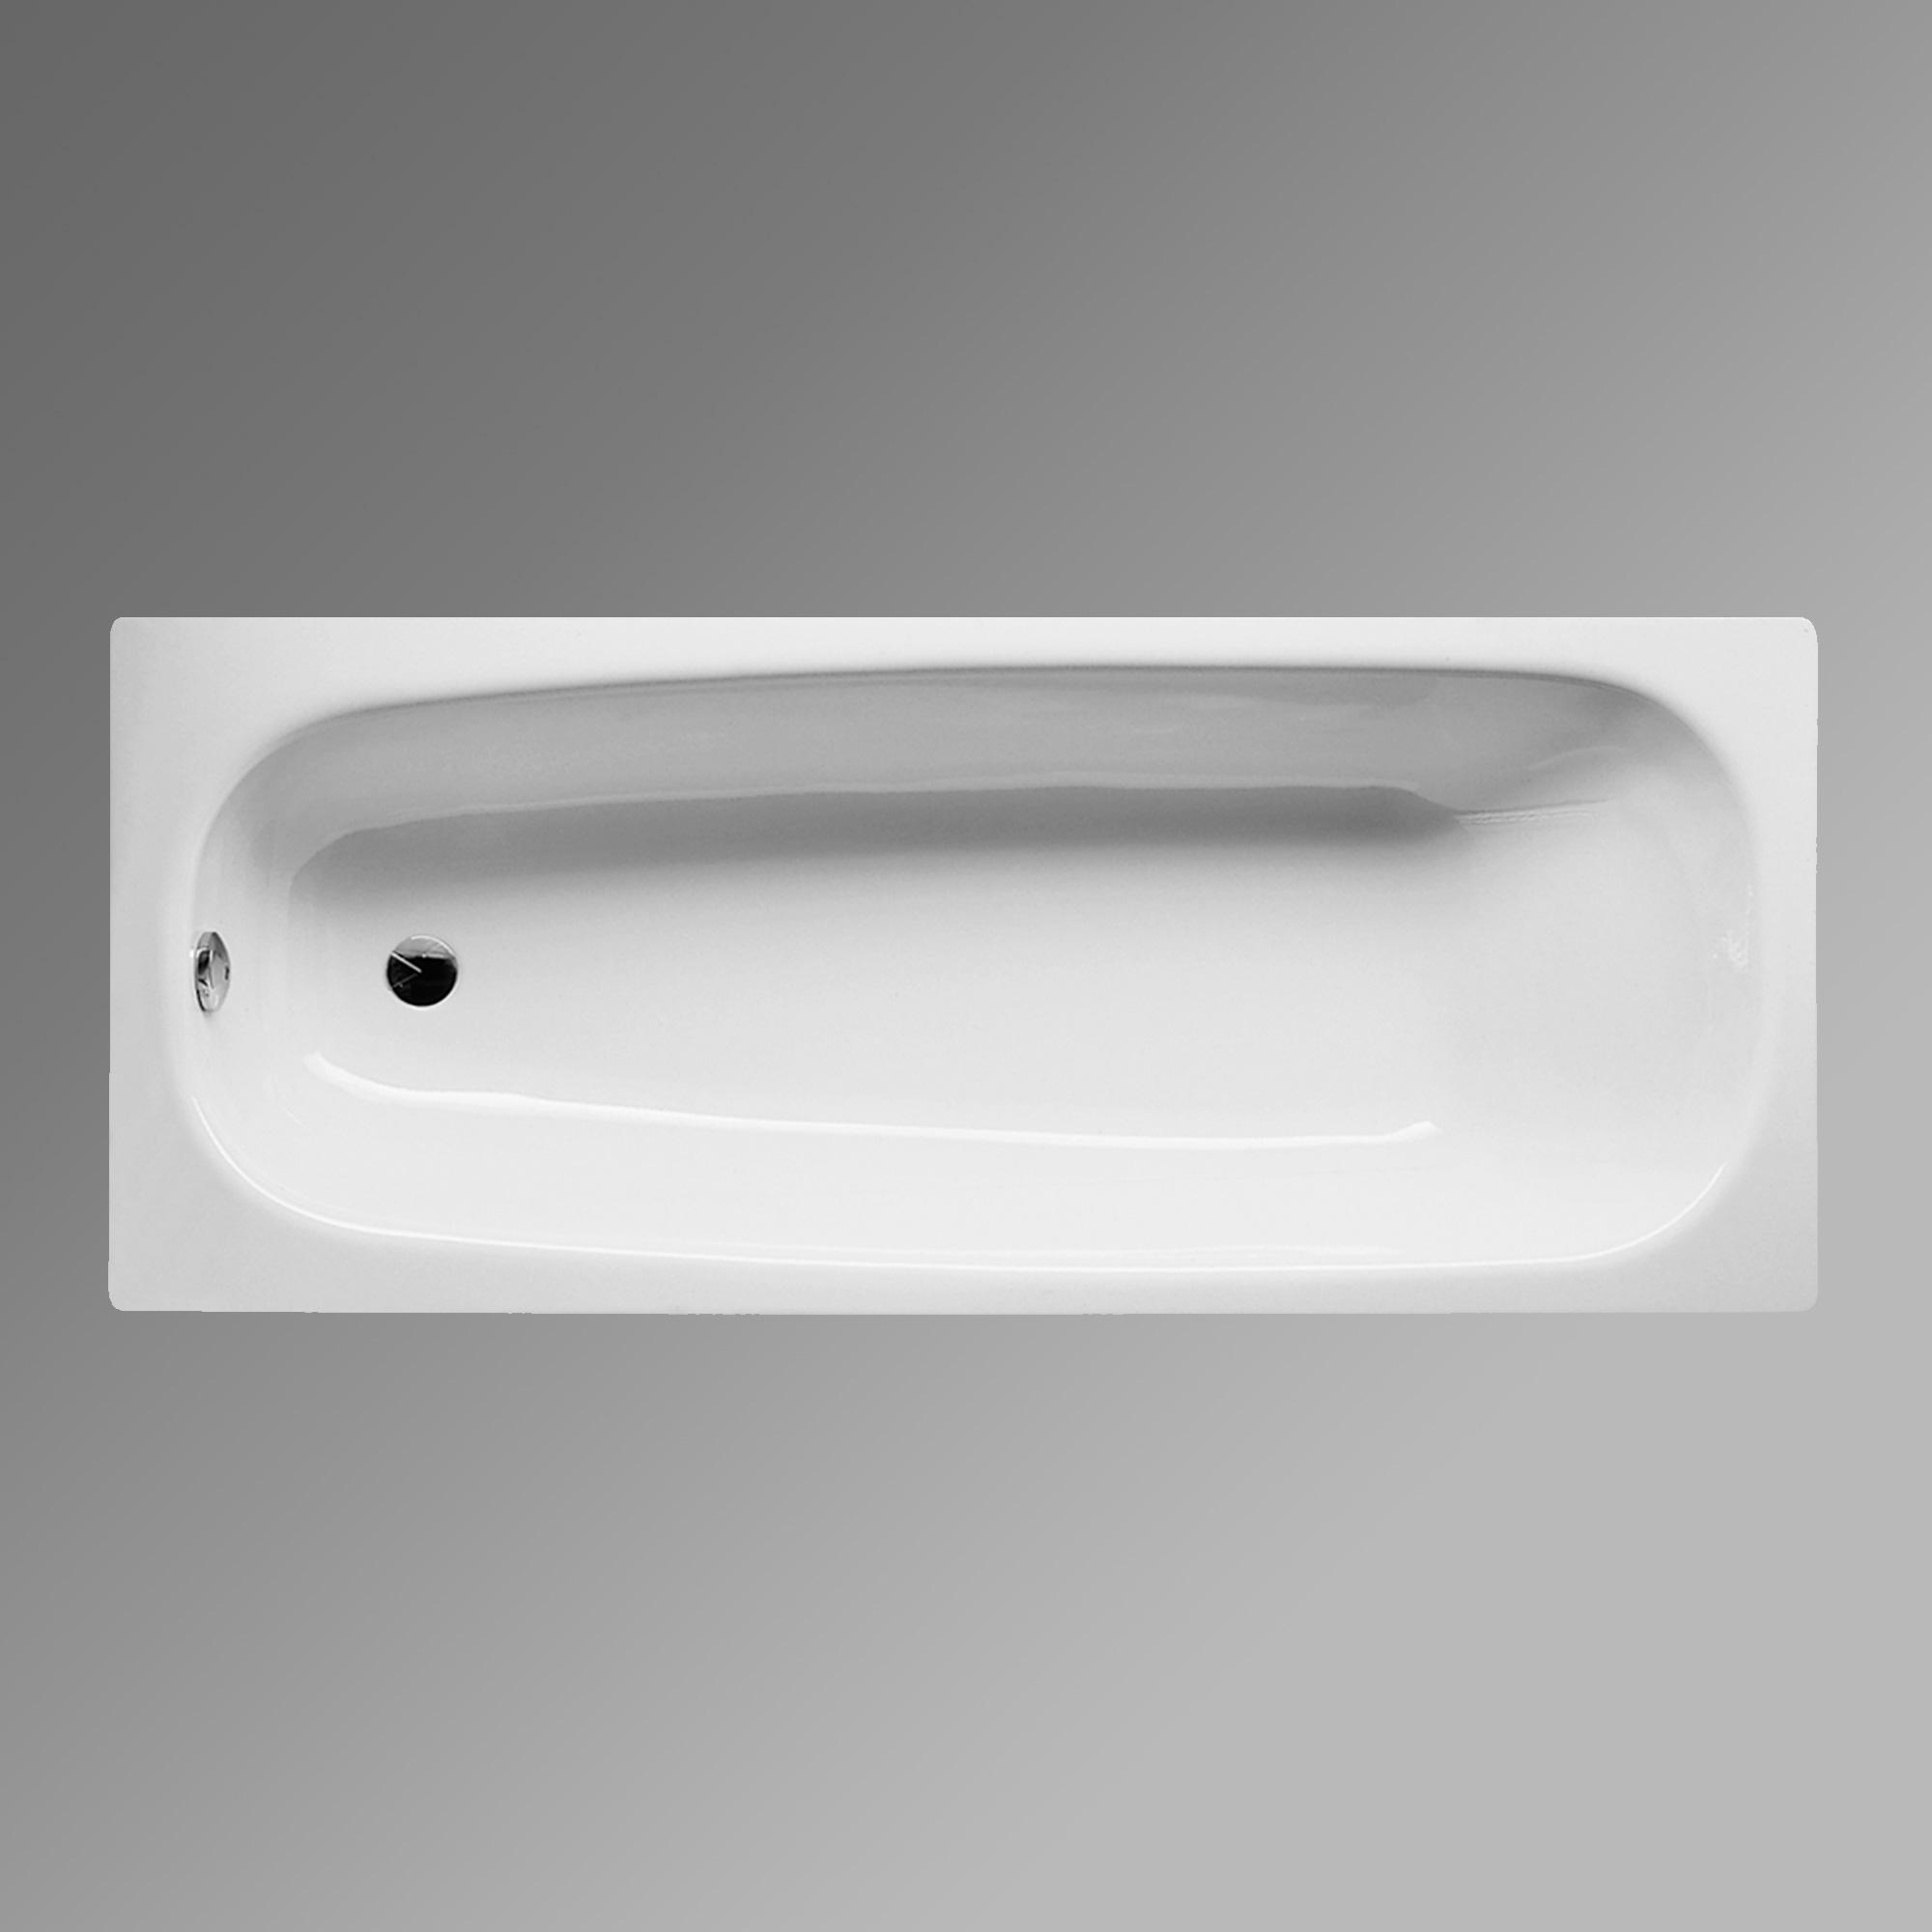 Bette form rechteck badewanne wei 3800 000 reuter for Sechseck badewanne stahl